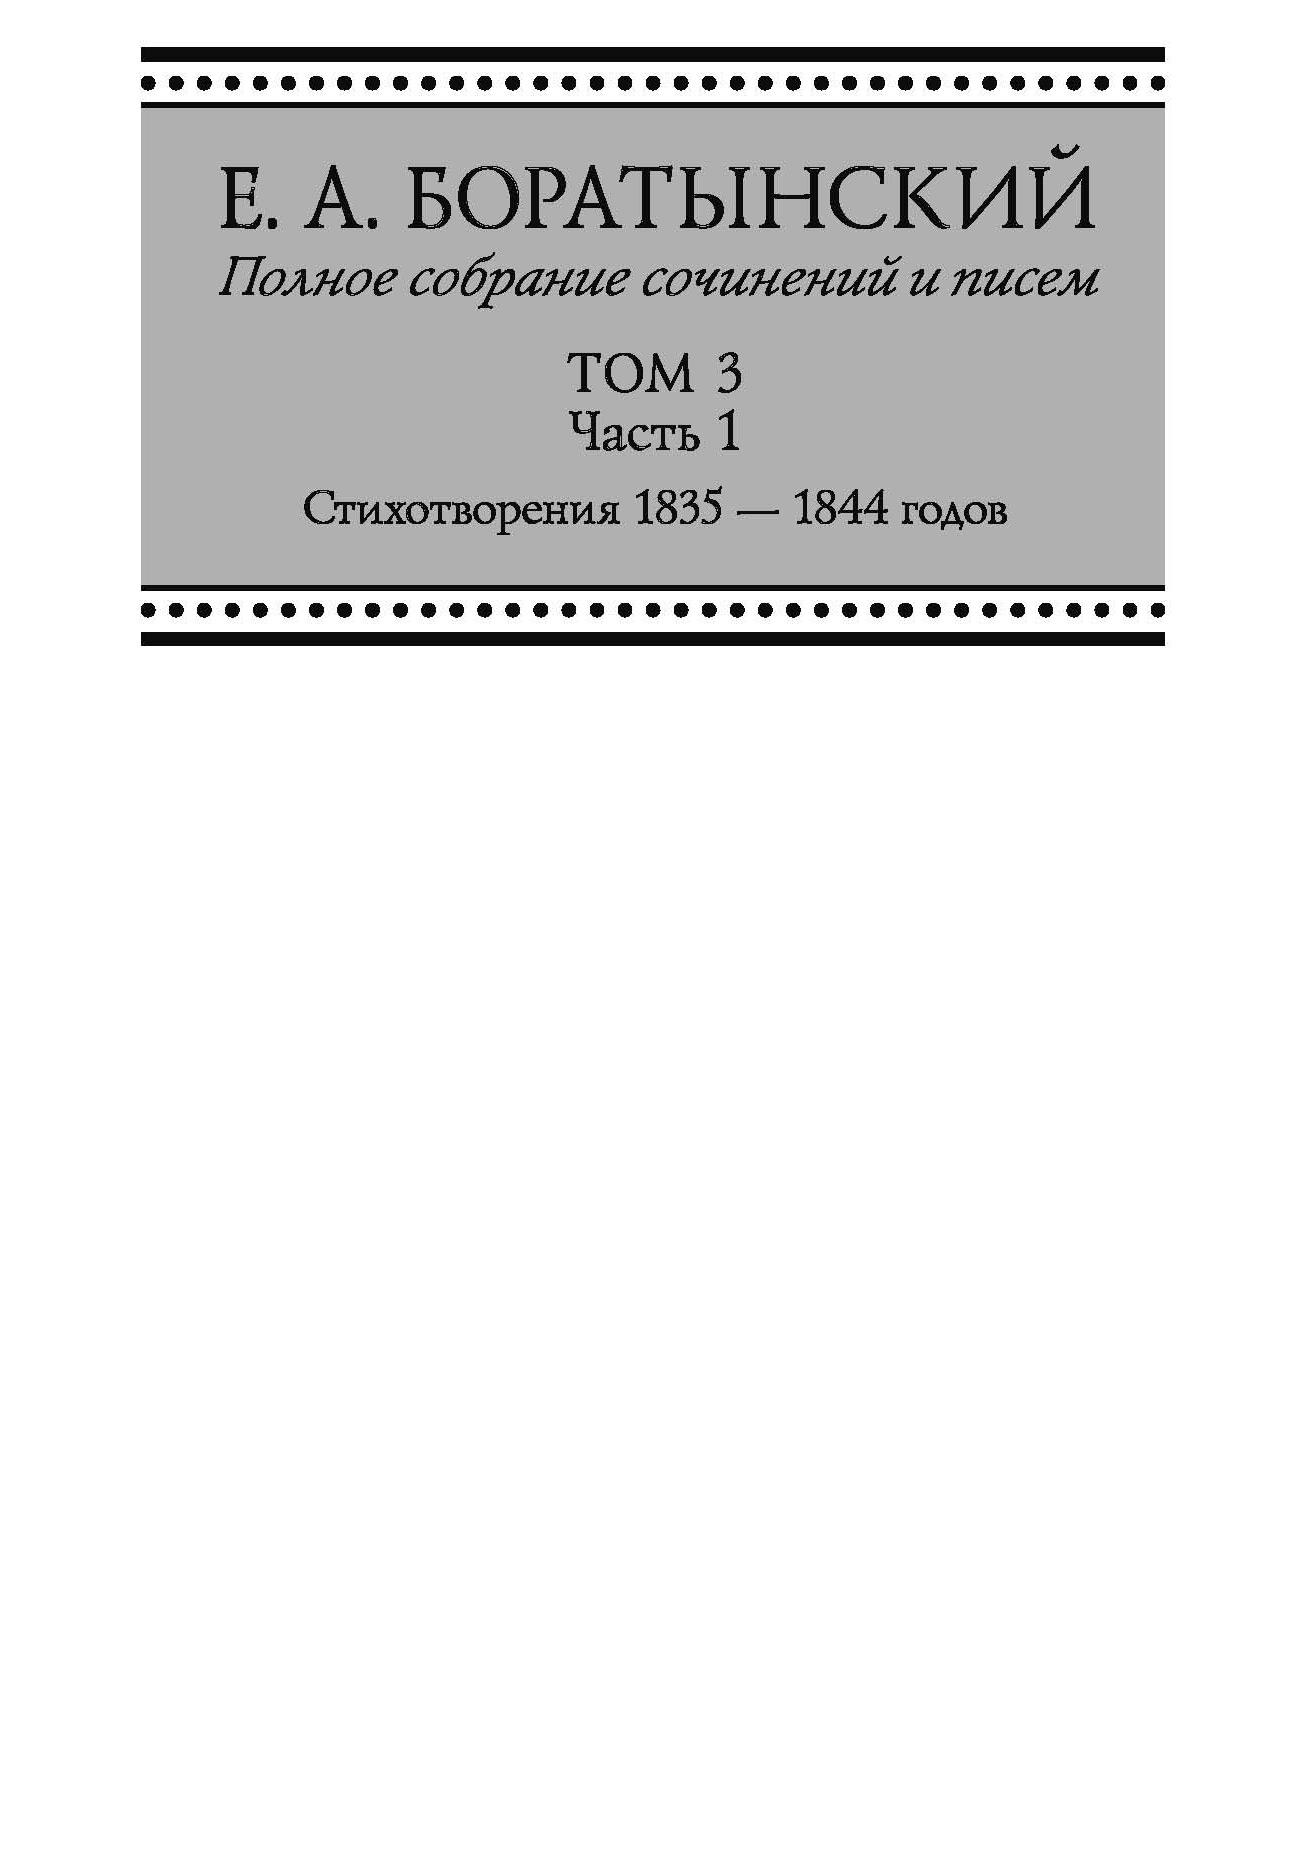 Евгений Боратынский Полное собрание сочинений и писем. Том 3. Часть 1. «Сумерки». Стихотворения 1835—1844 годов. Juvenilia. Коллективное. Dubia цена